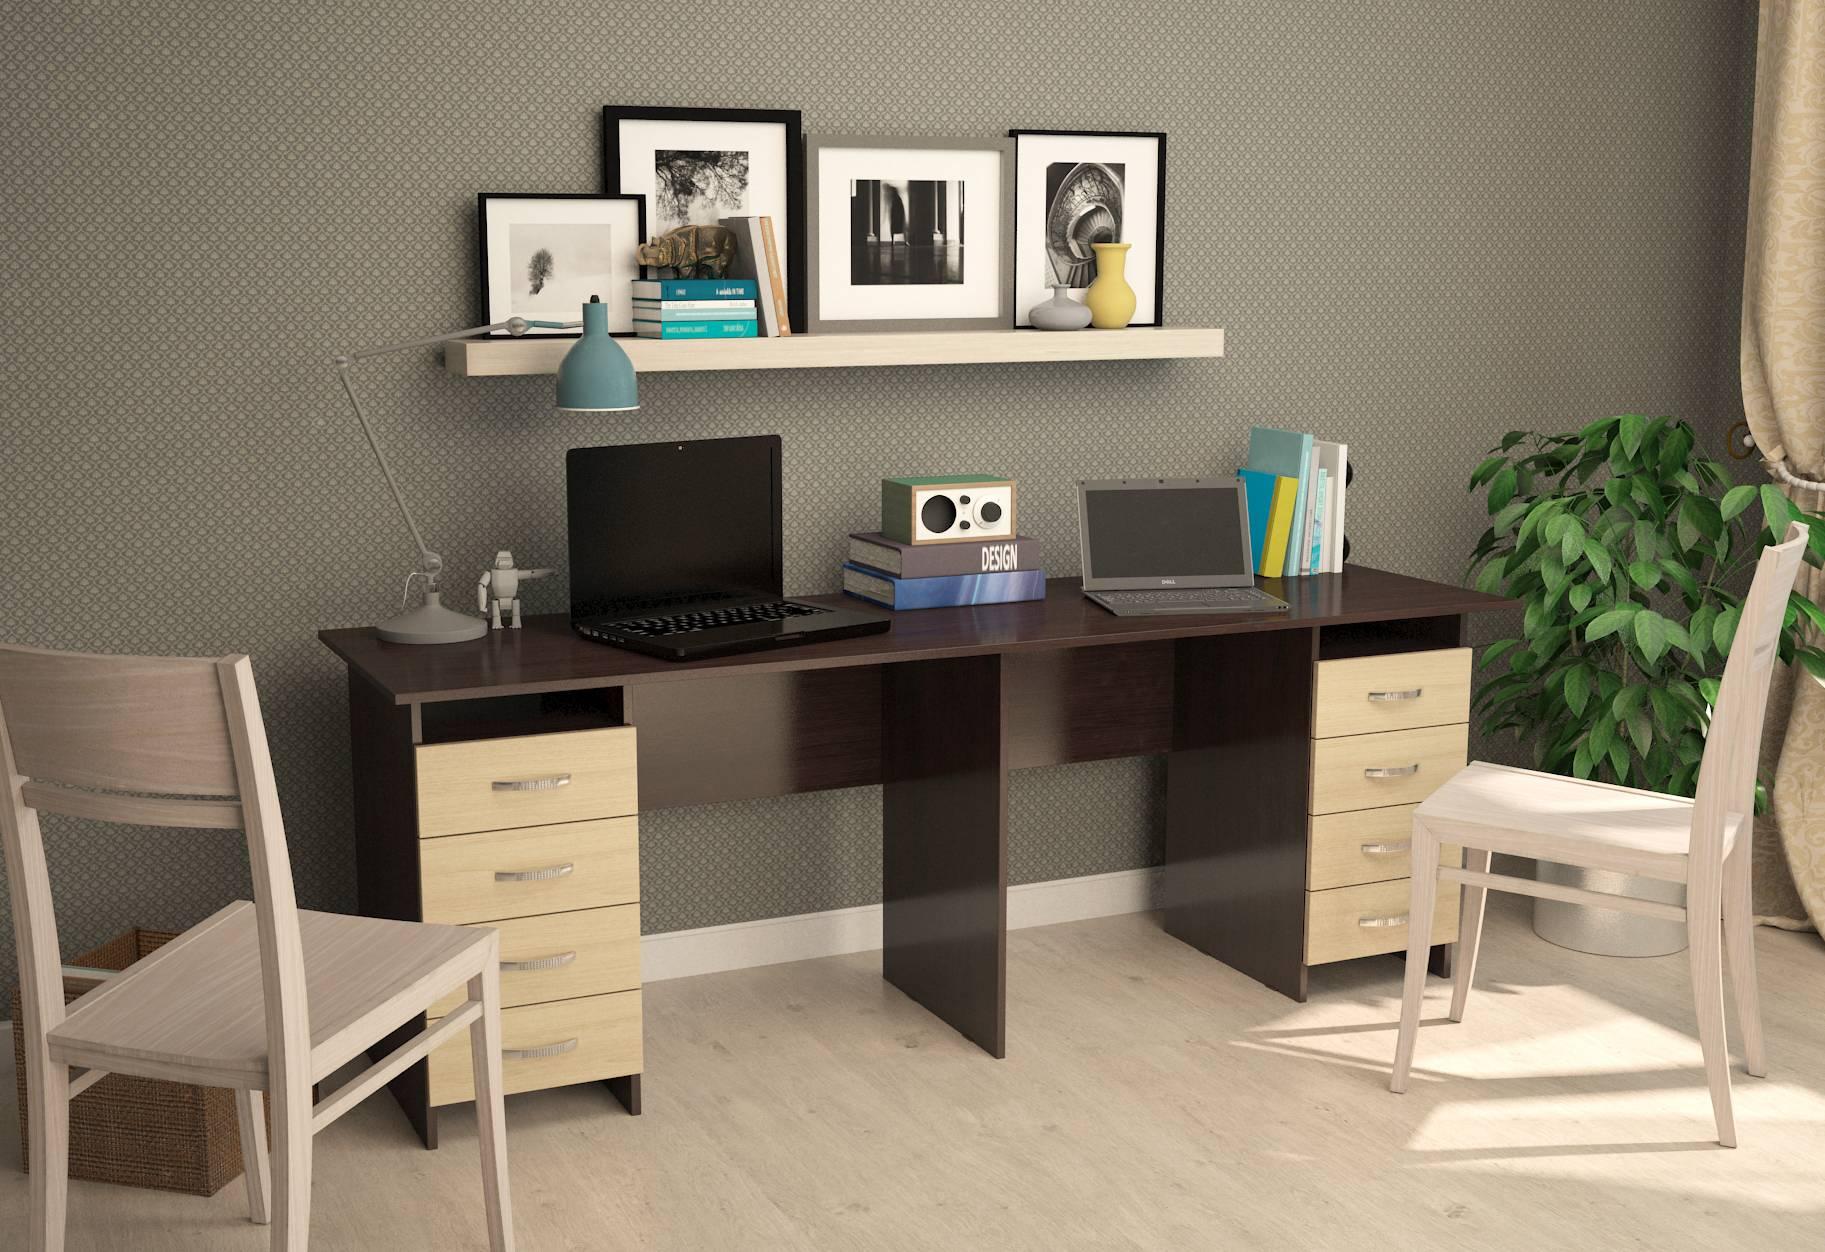 Стол mfm тандем-3 - купить в москве по низкой цене стол mfm .